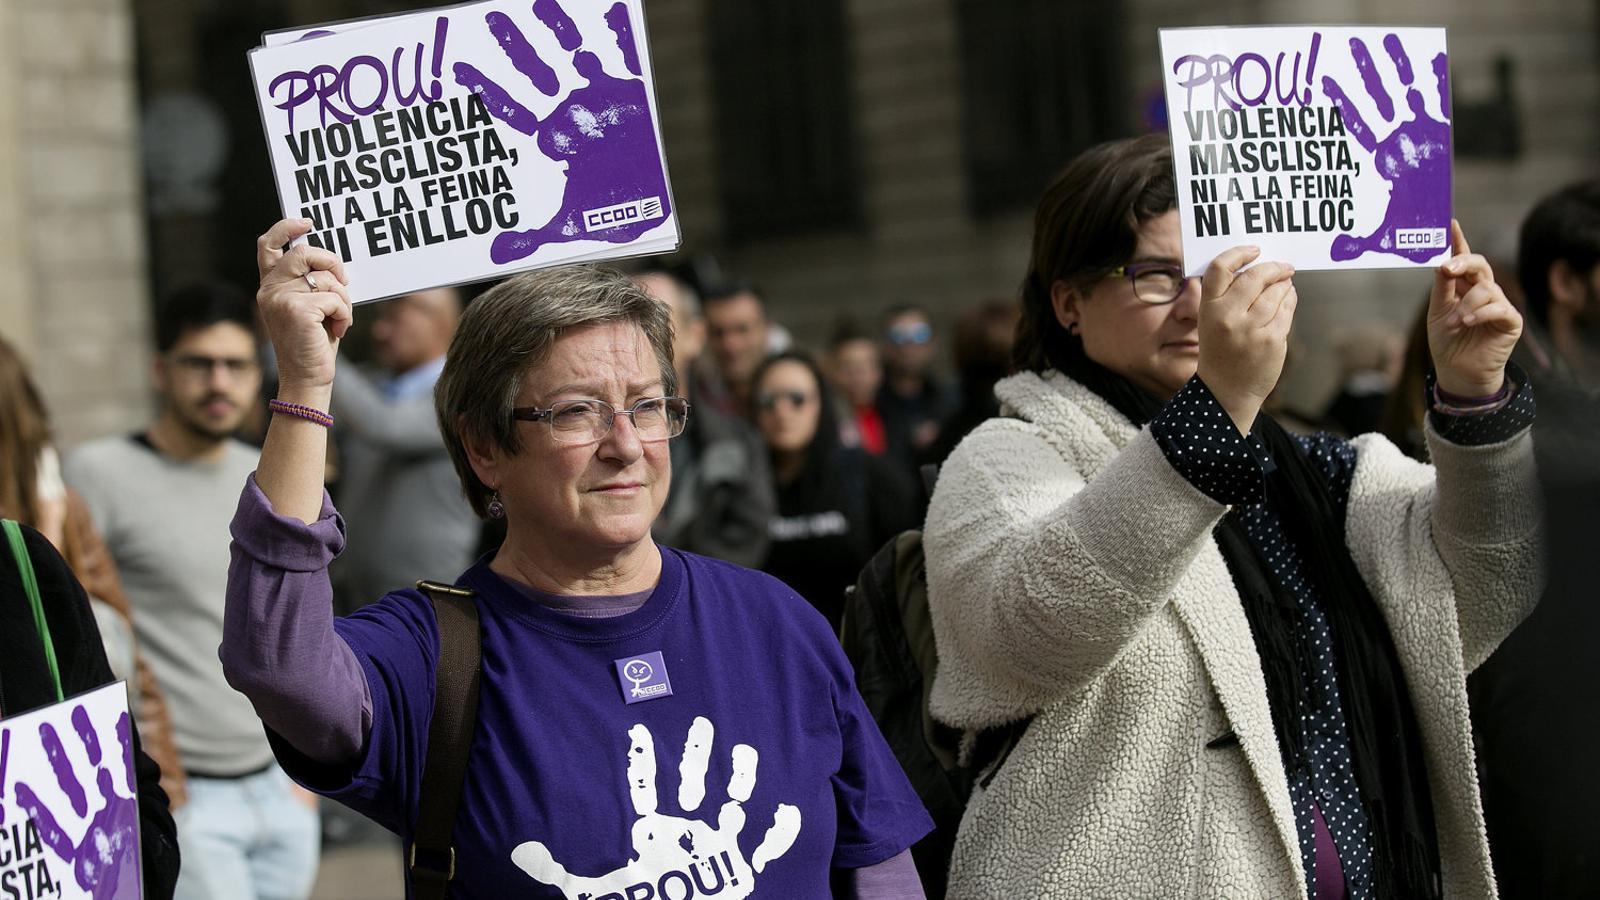 Concentració de protesta per les víctimes de la violència masclista.